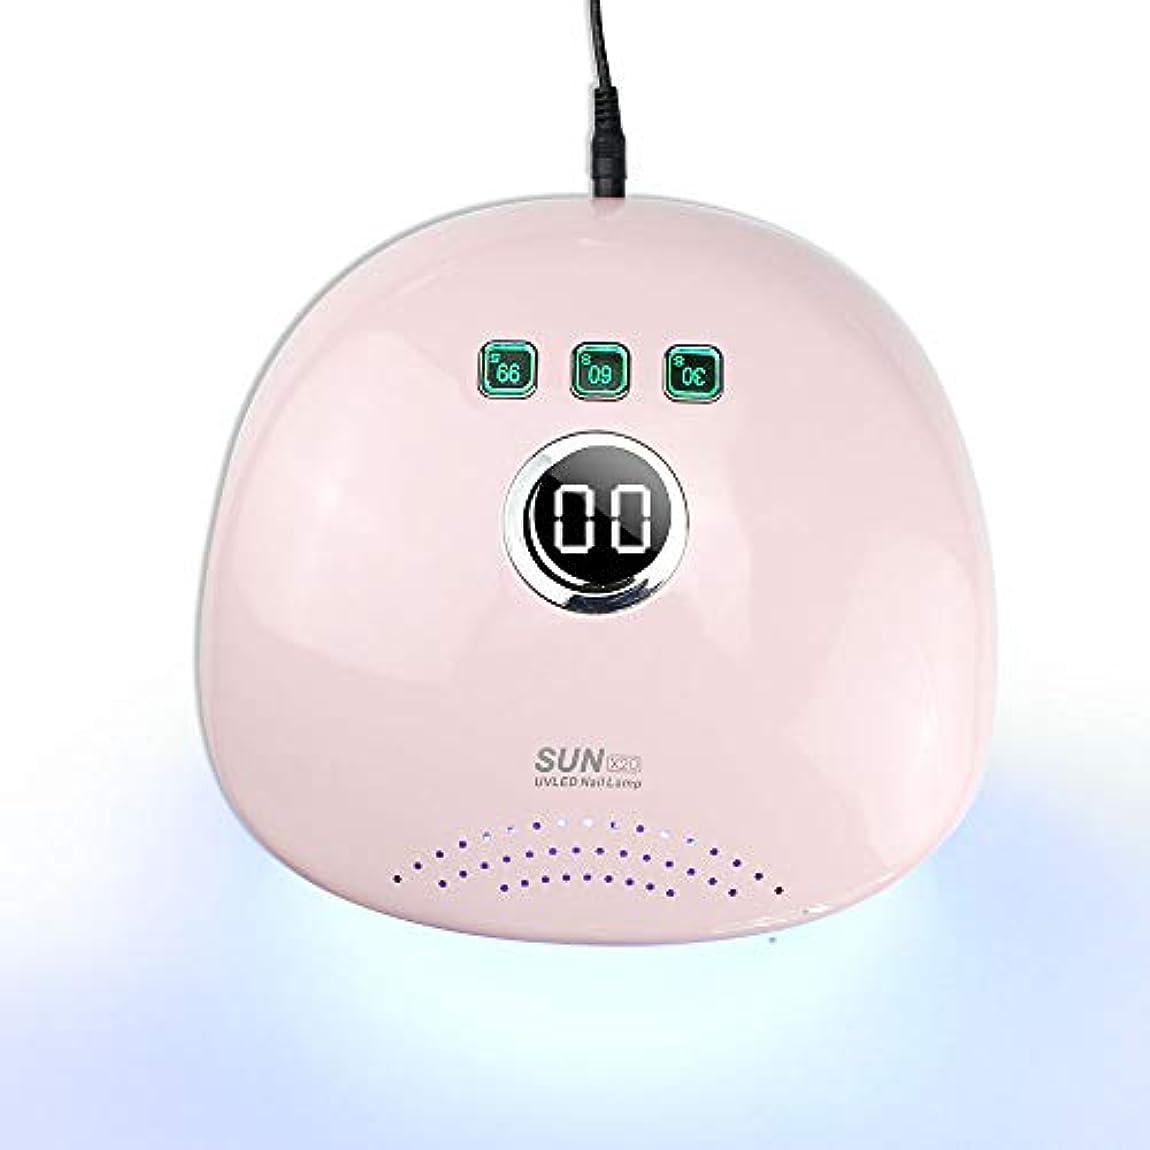 ボクシングトマト治療マニキュアLcdディスプレイUv Led 48 wランプ用器具紫外線治療ジェルポーランドランプネイルライトドライヤー機器,ピンク